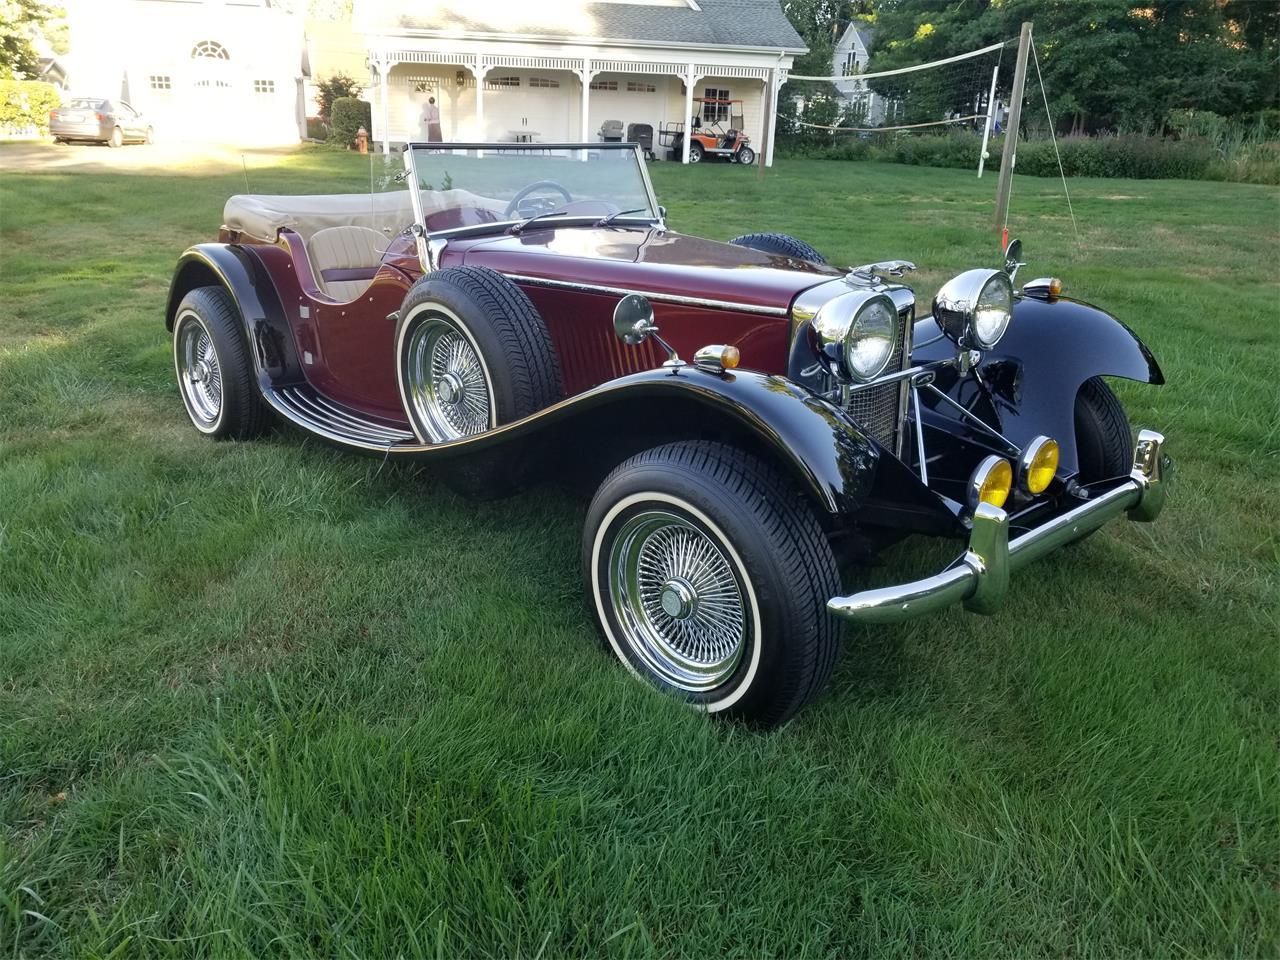 1939 Jaguar SS100 (CC-1415962) for sale in Ellington, Connecticut